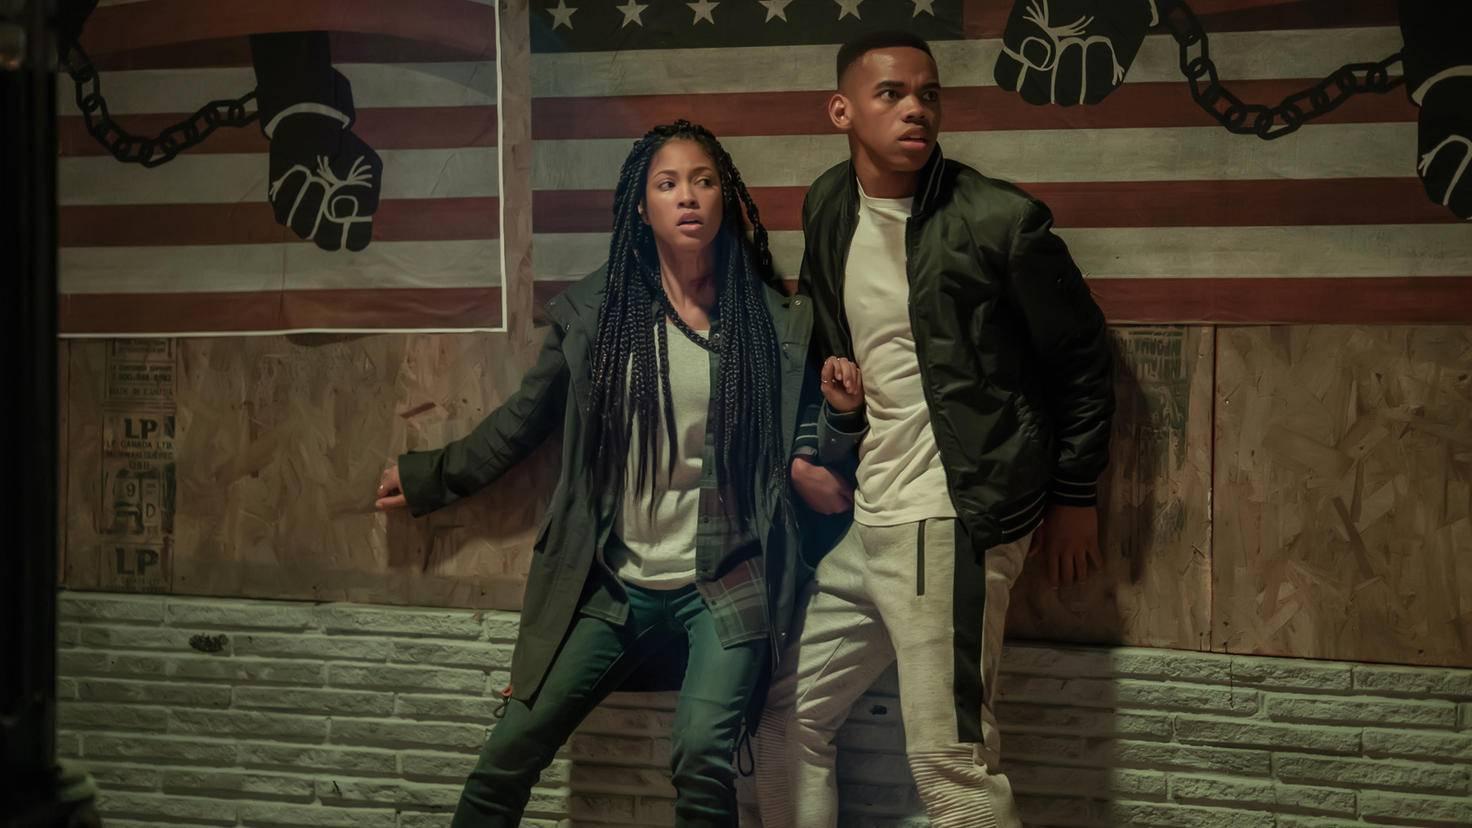 """Lex Scott Davis (Nya) und Joivan Wade (Isaiah) sind in """"The First Purge"""" auf der Flucht vor den """"Purgern""""."""